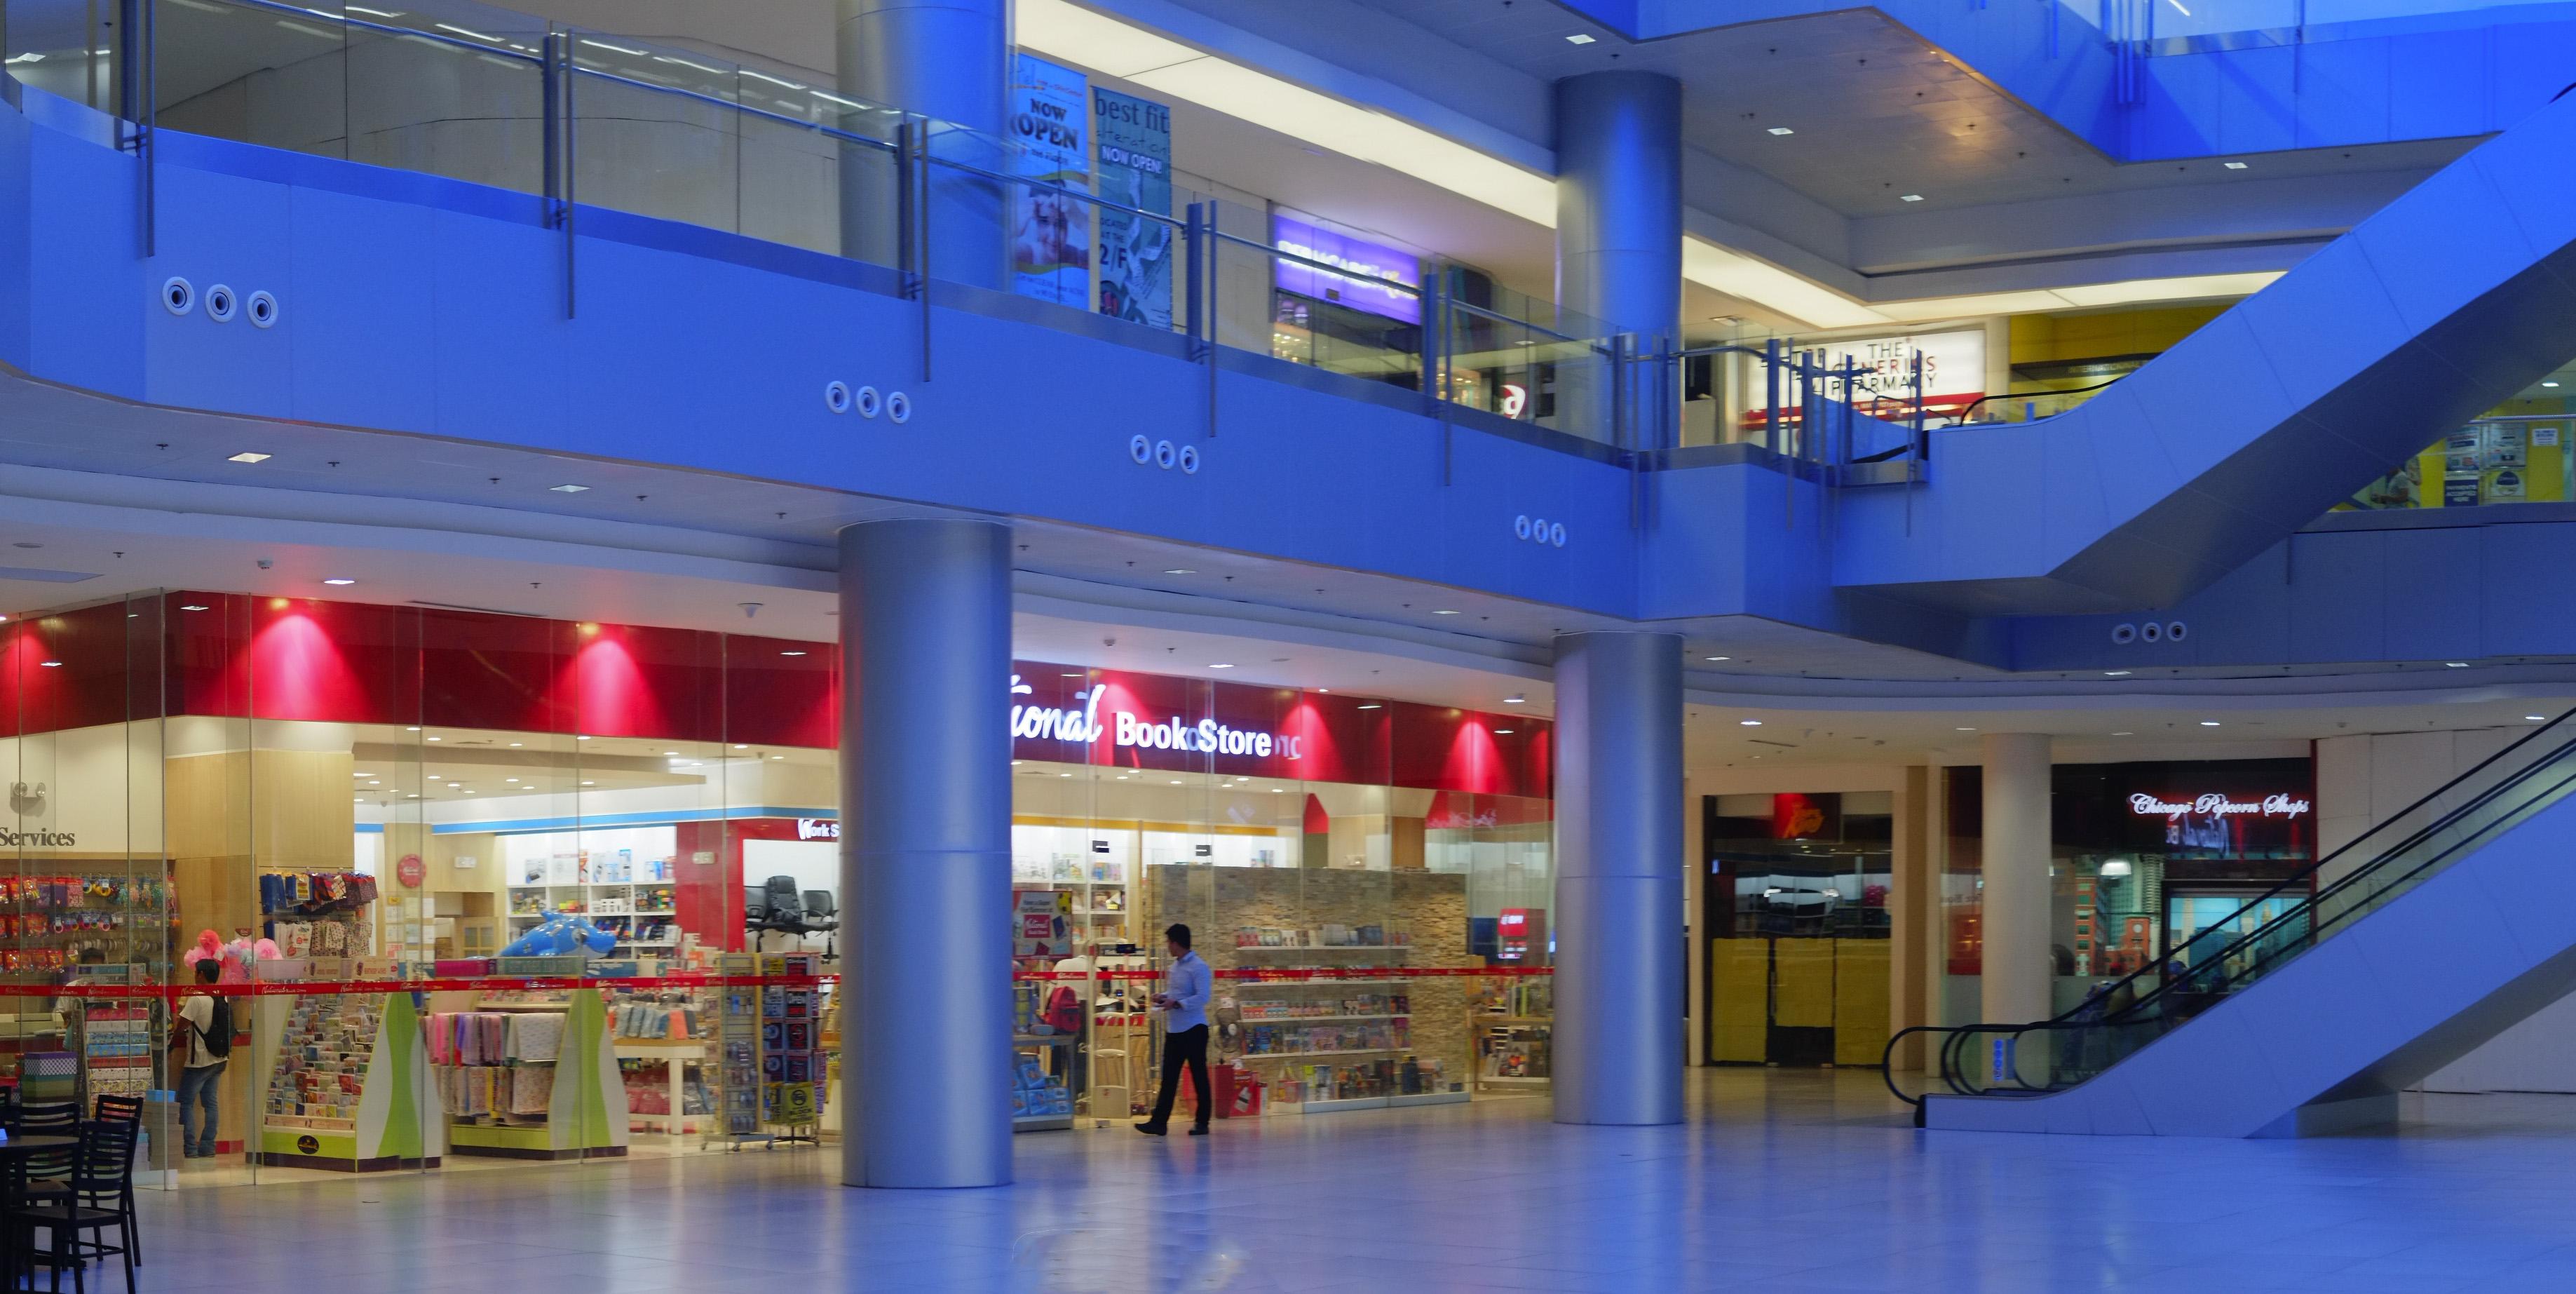 Upscale mall